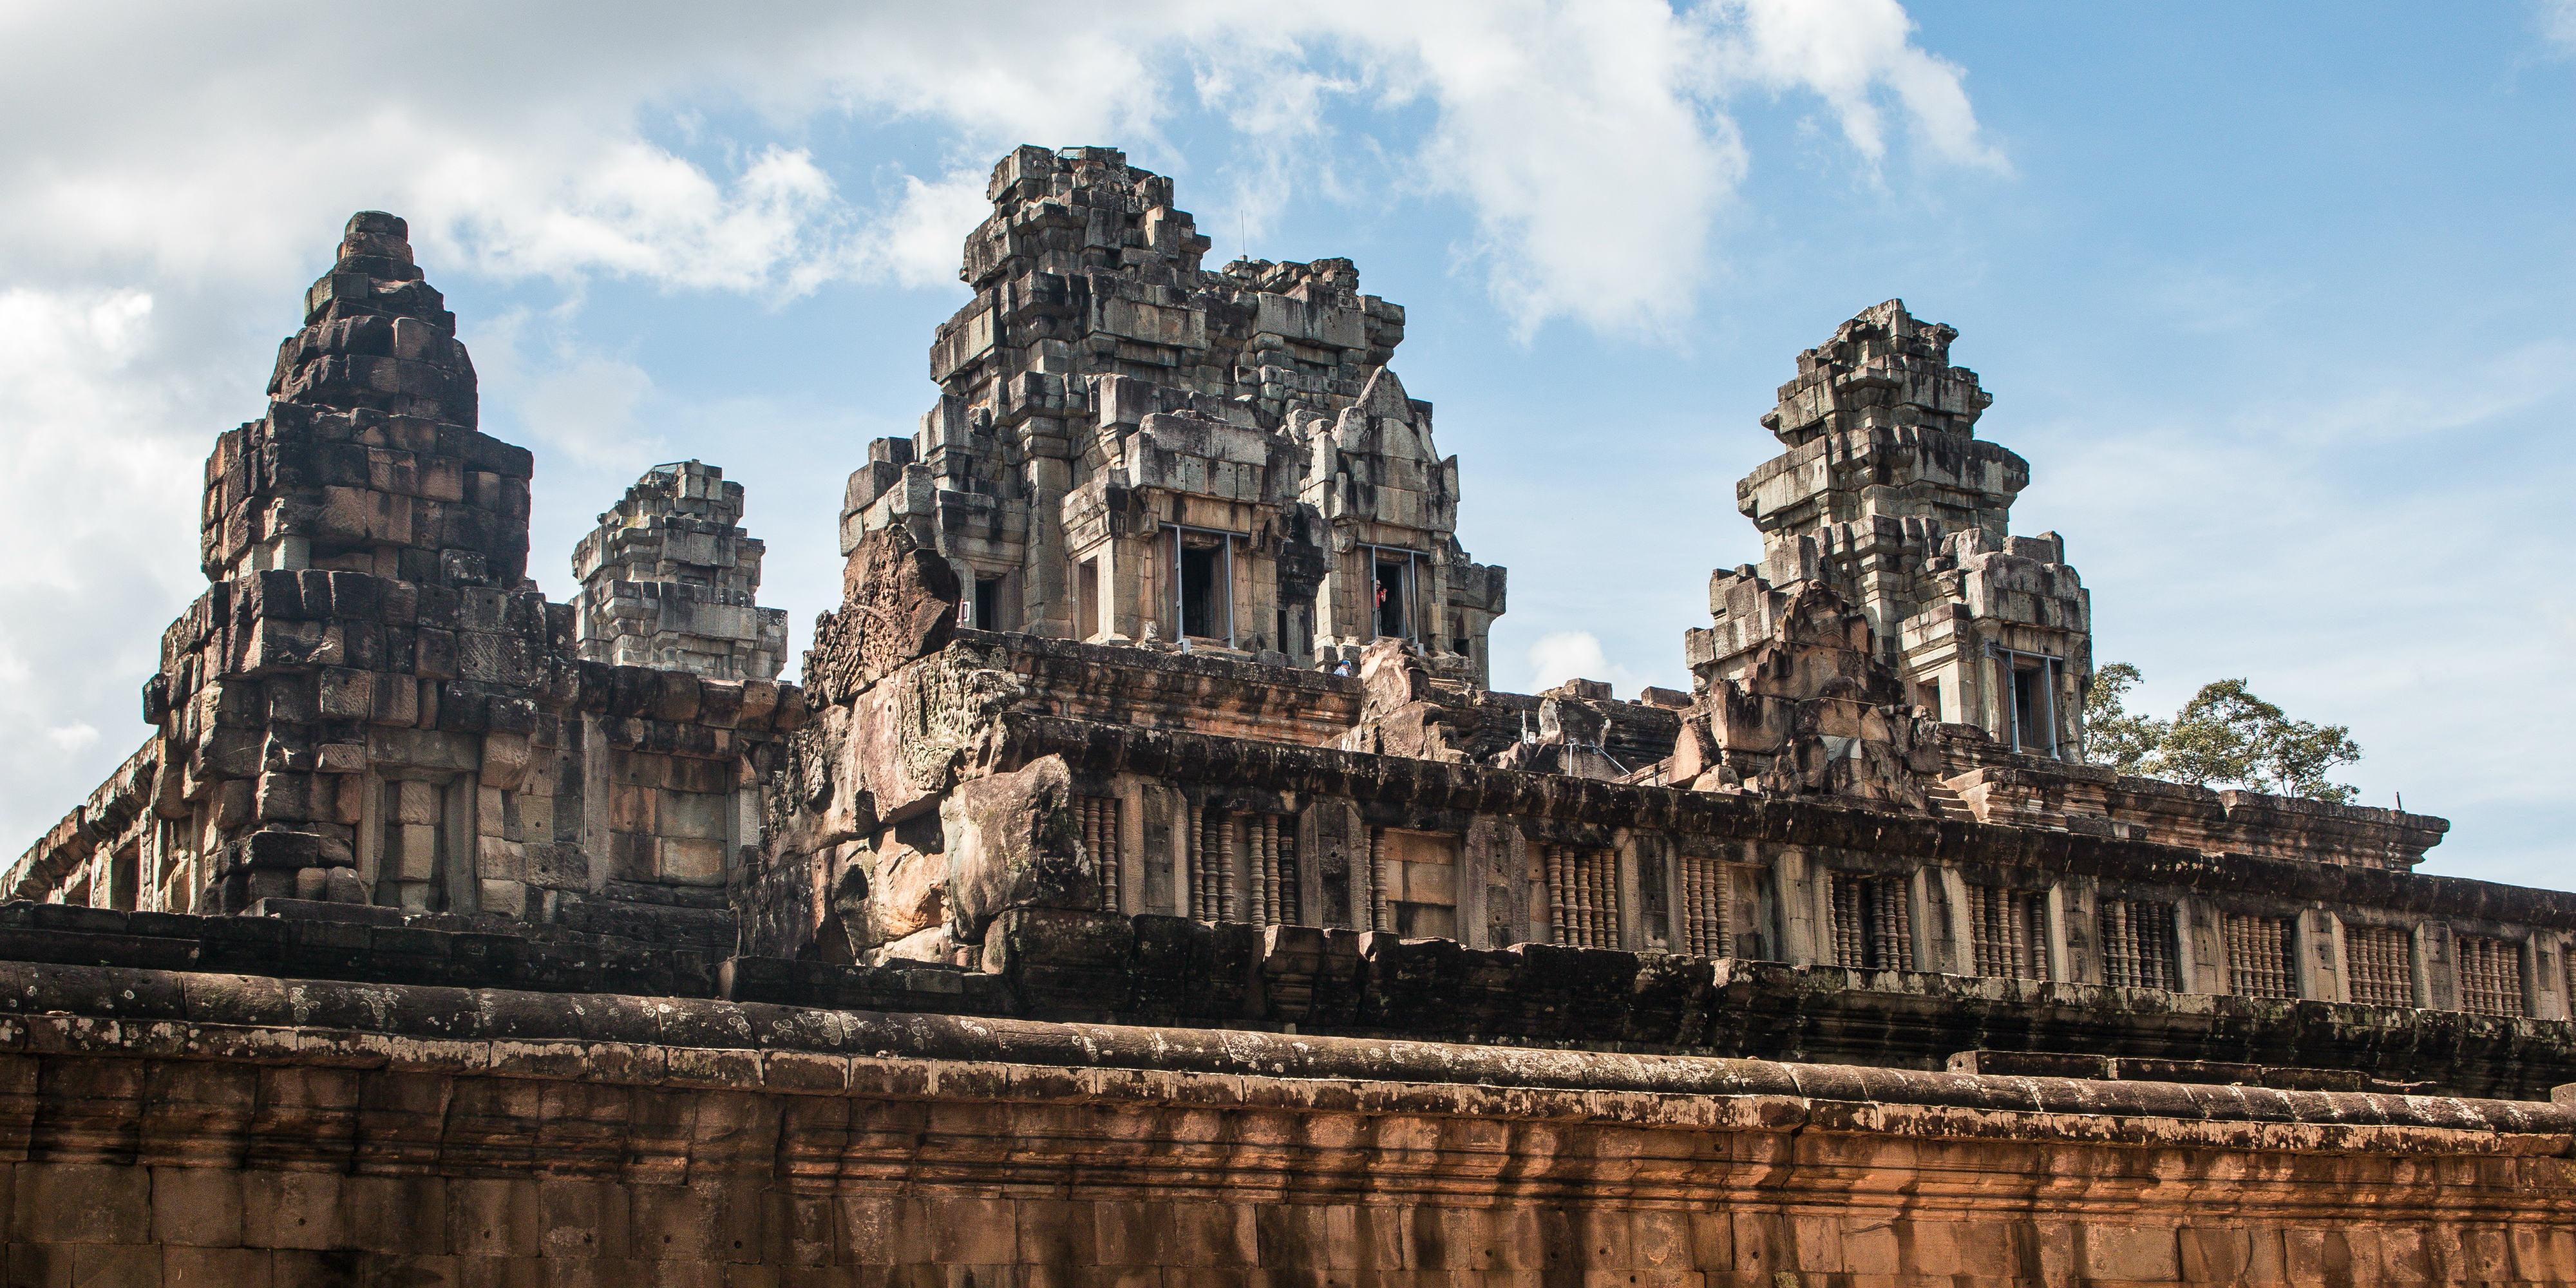 Visiting the Angkor Wat temples